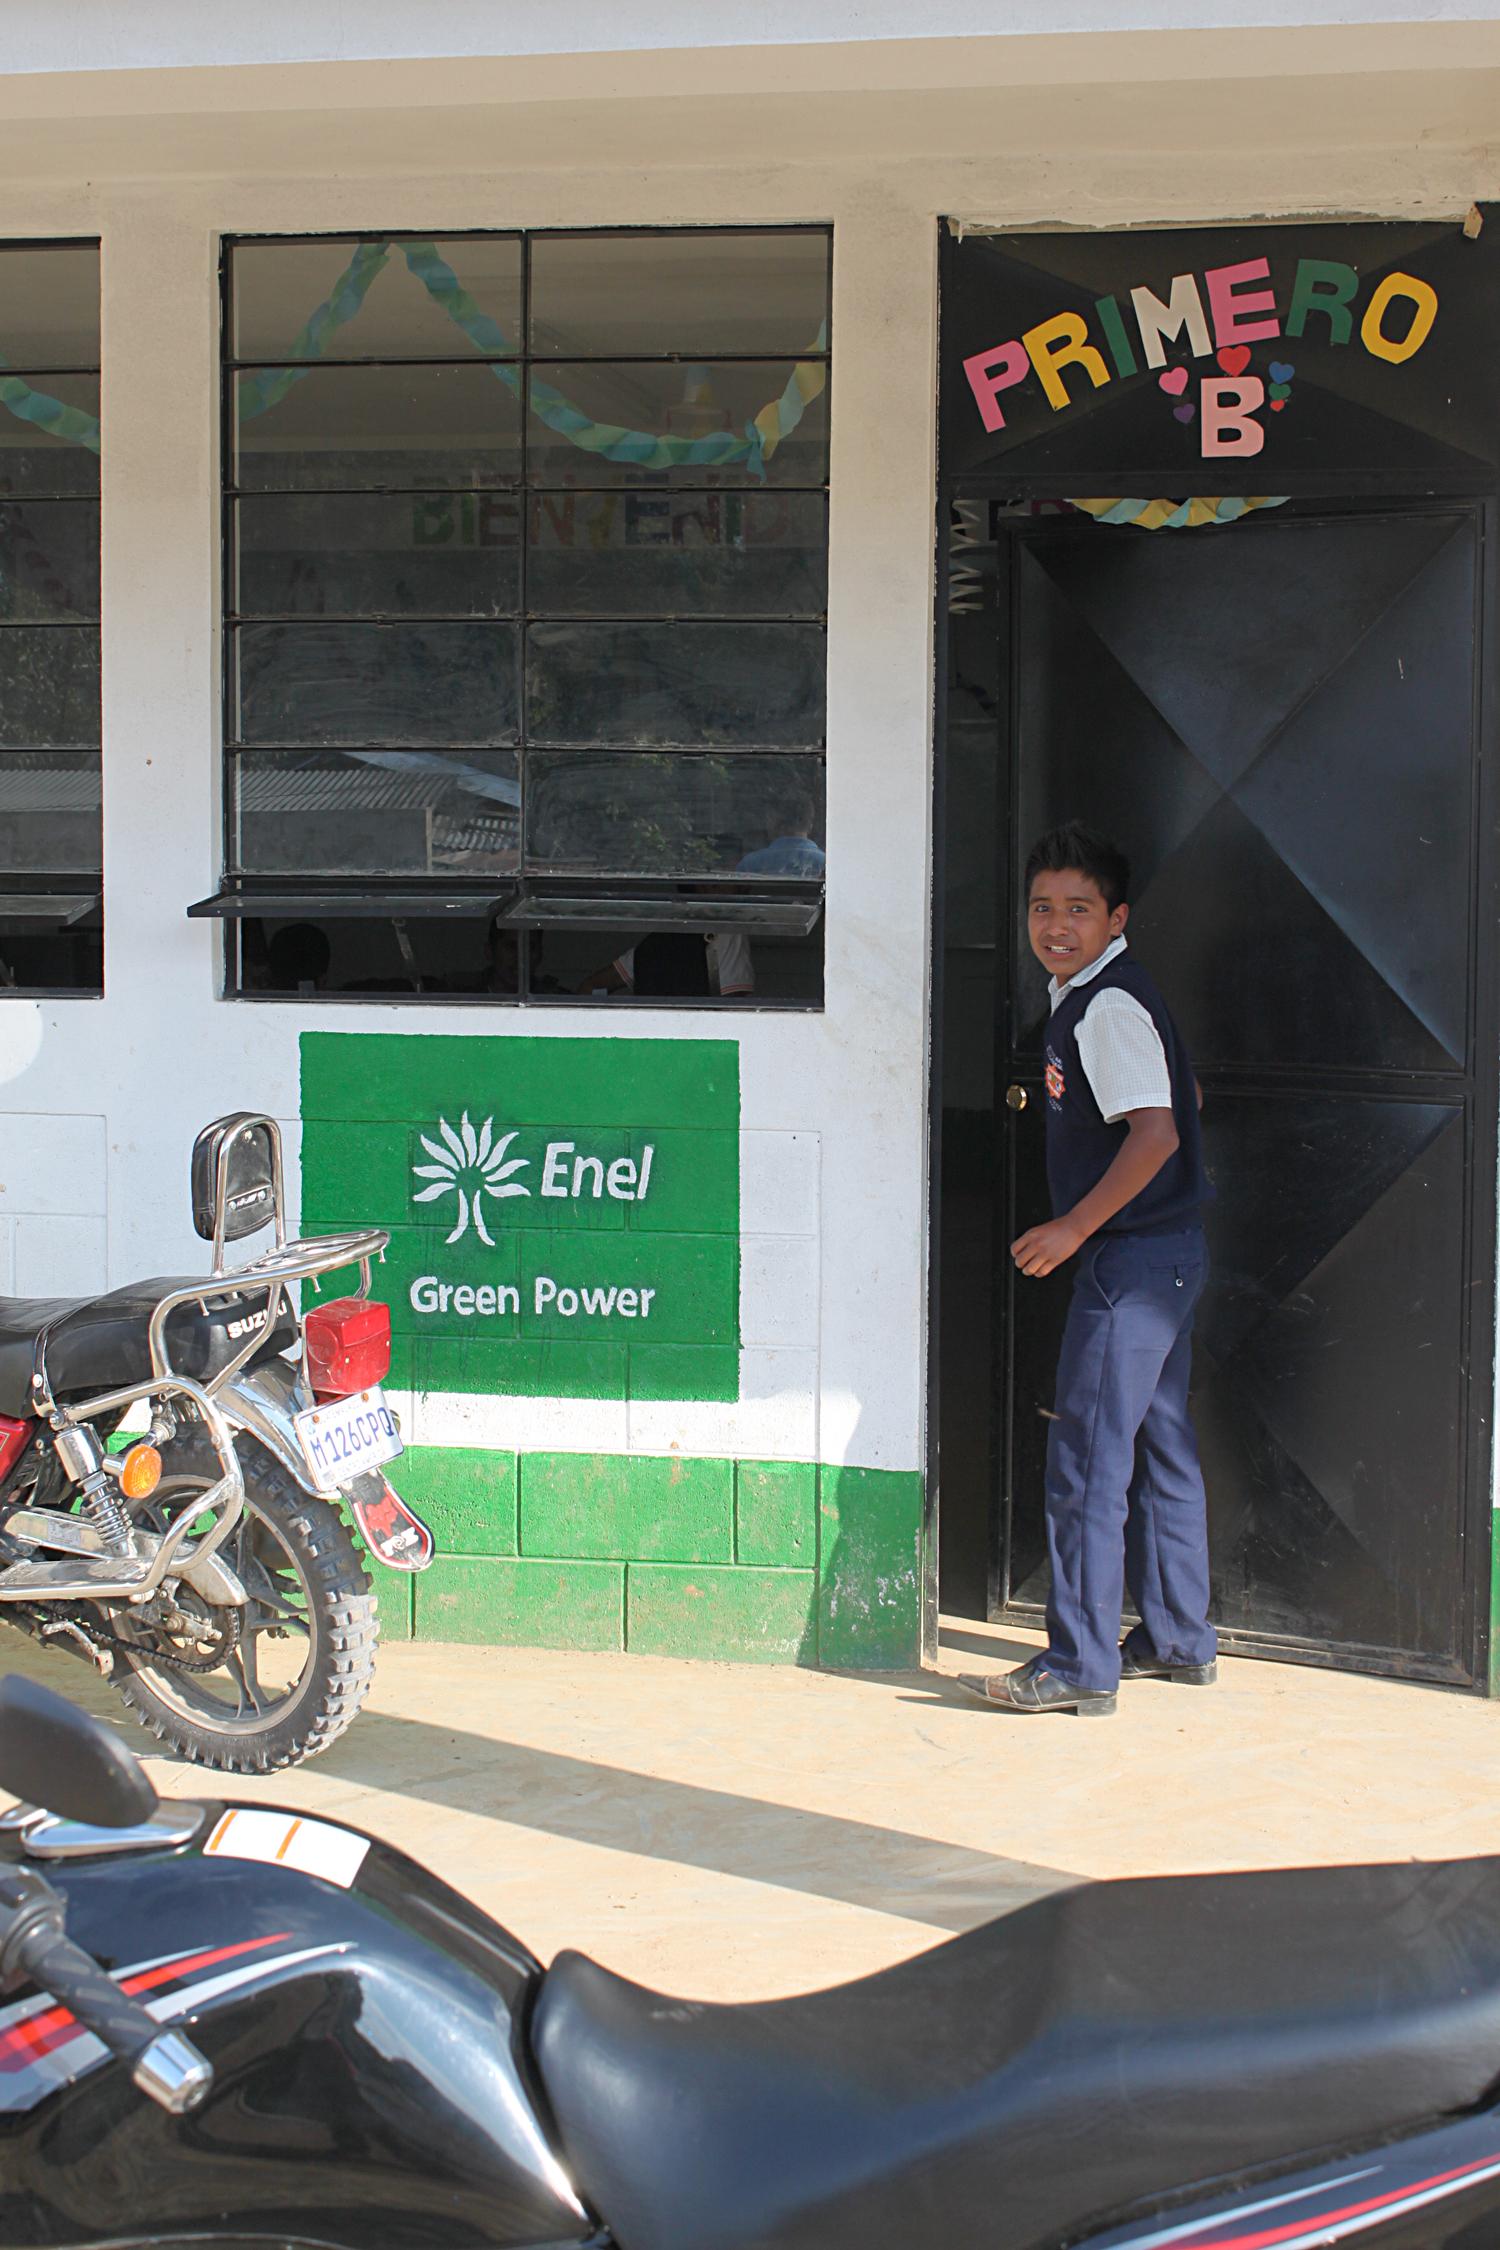 La oficina de Enel. Foto de Dennys Mejía